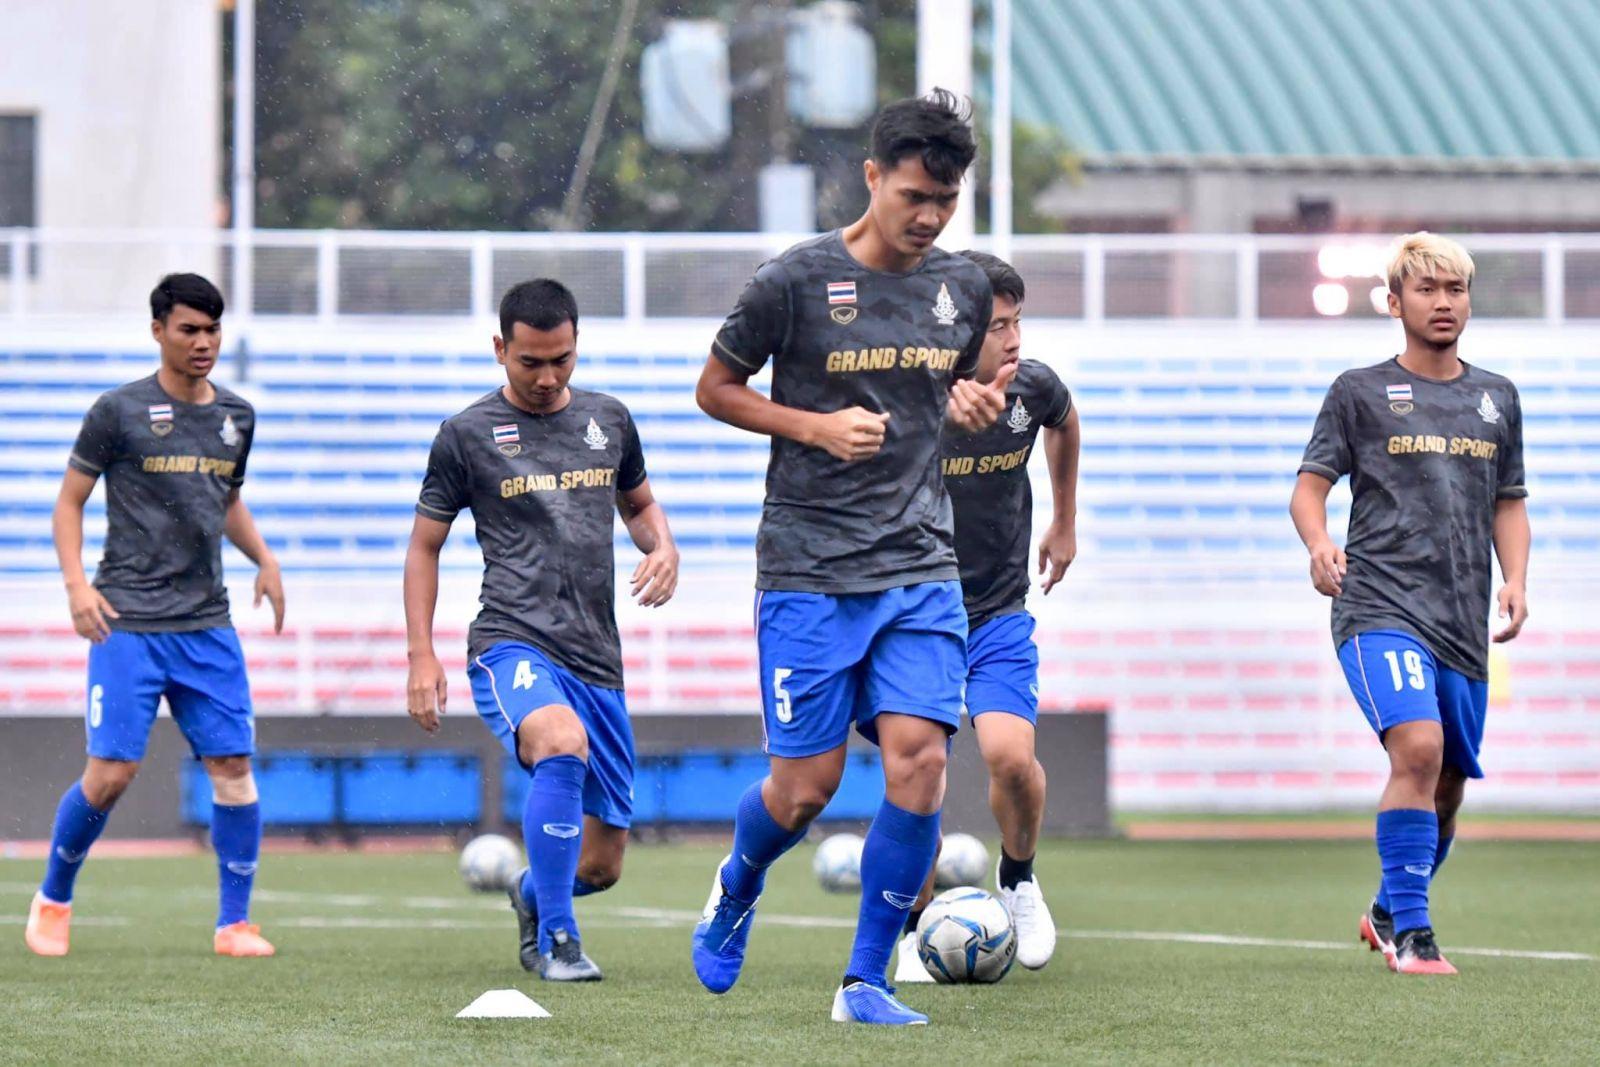 XONG: Thái Lan nhận 2 hung tin lực lượng trước trận gặp U22 Việt Nam - Bóng Đá